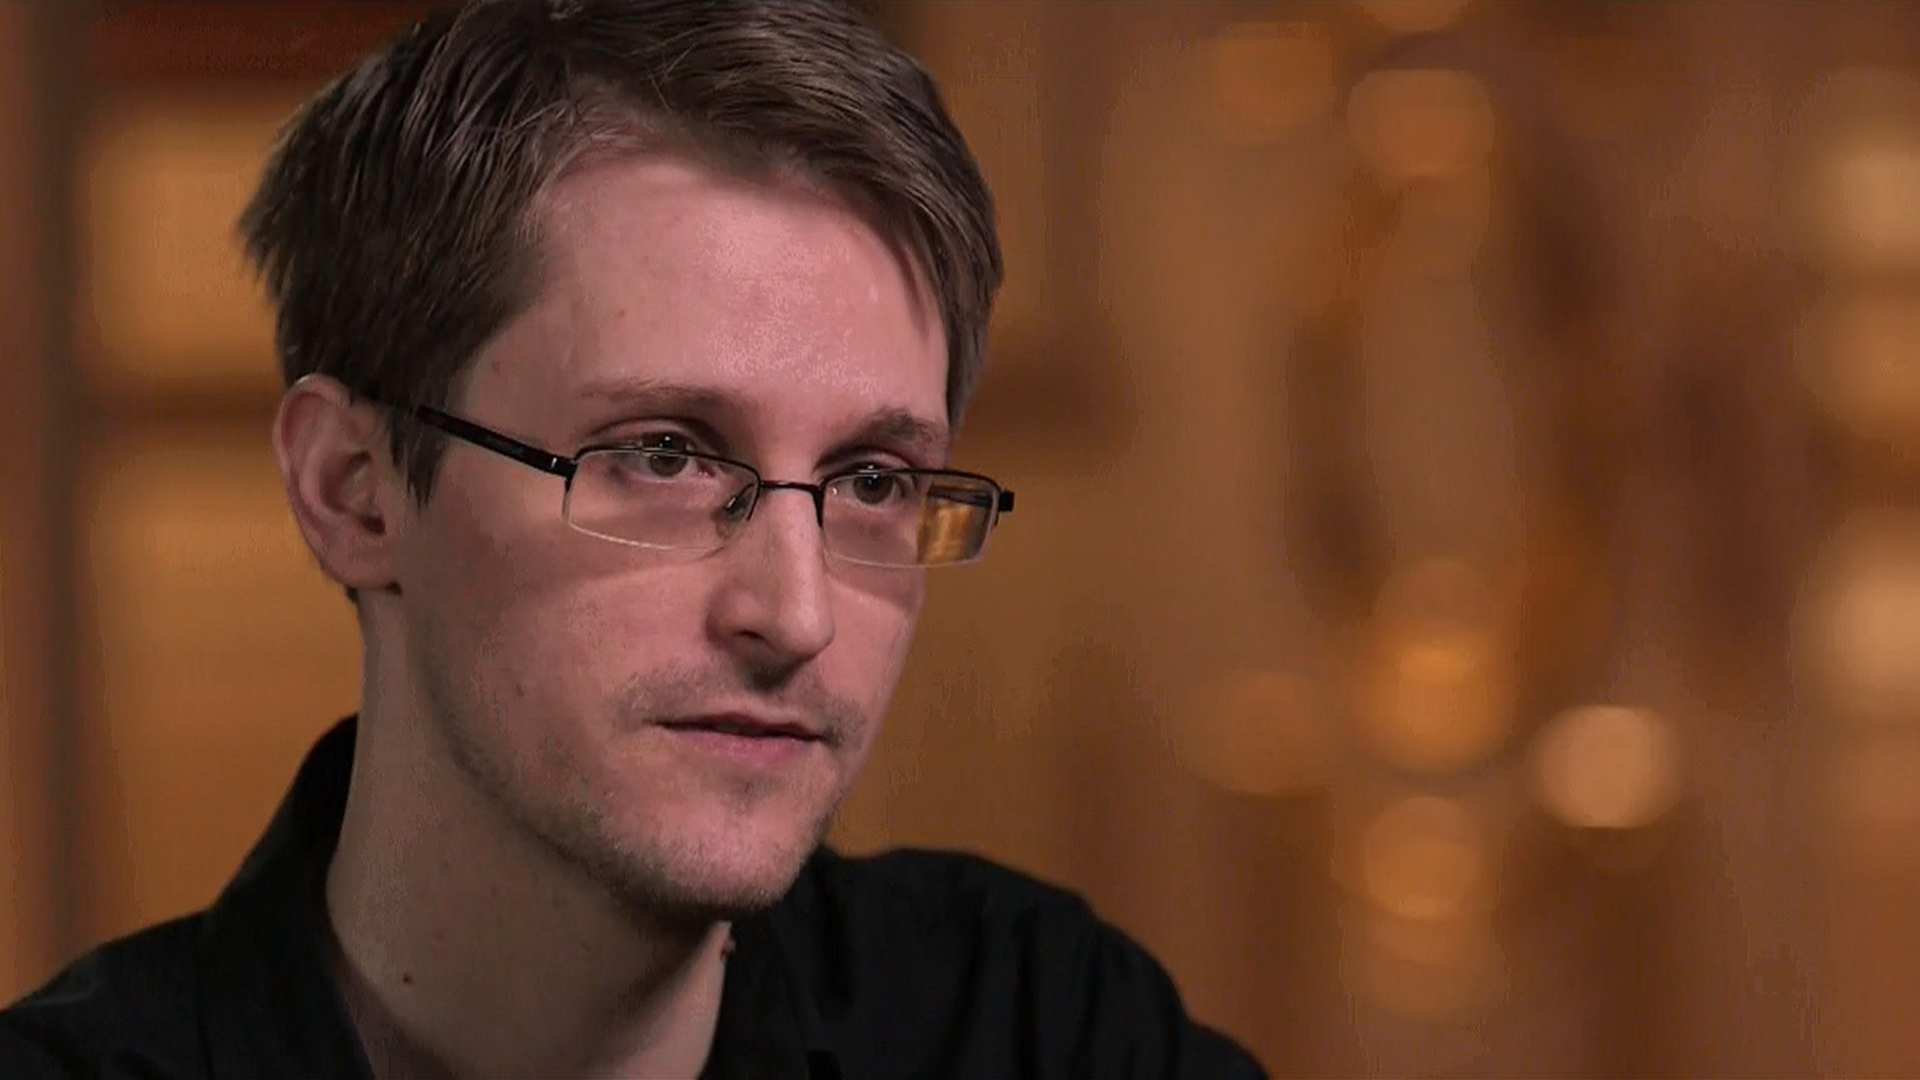 Эдвард Сноуден предупредил владельцев смартфонов о риске проникновения в их данные